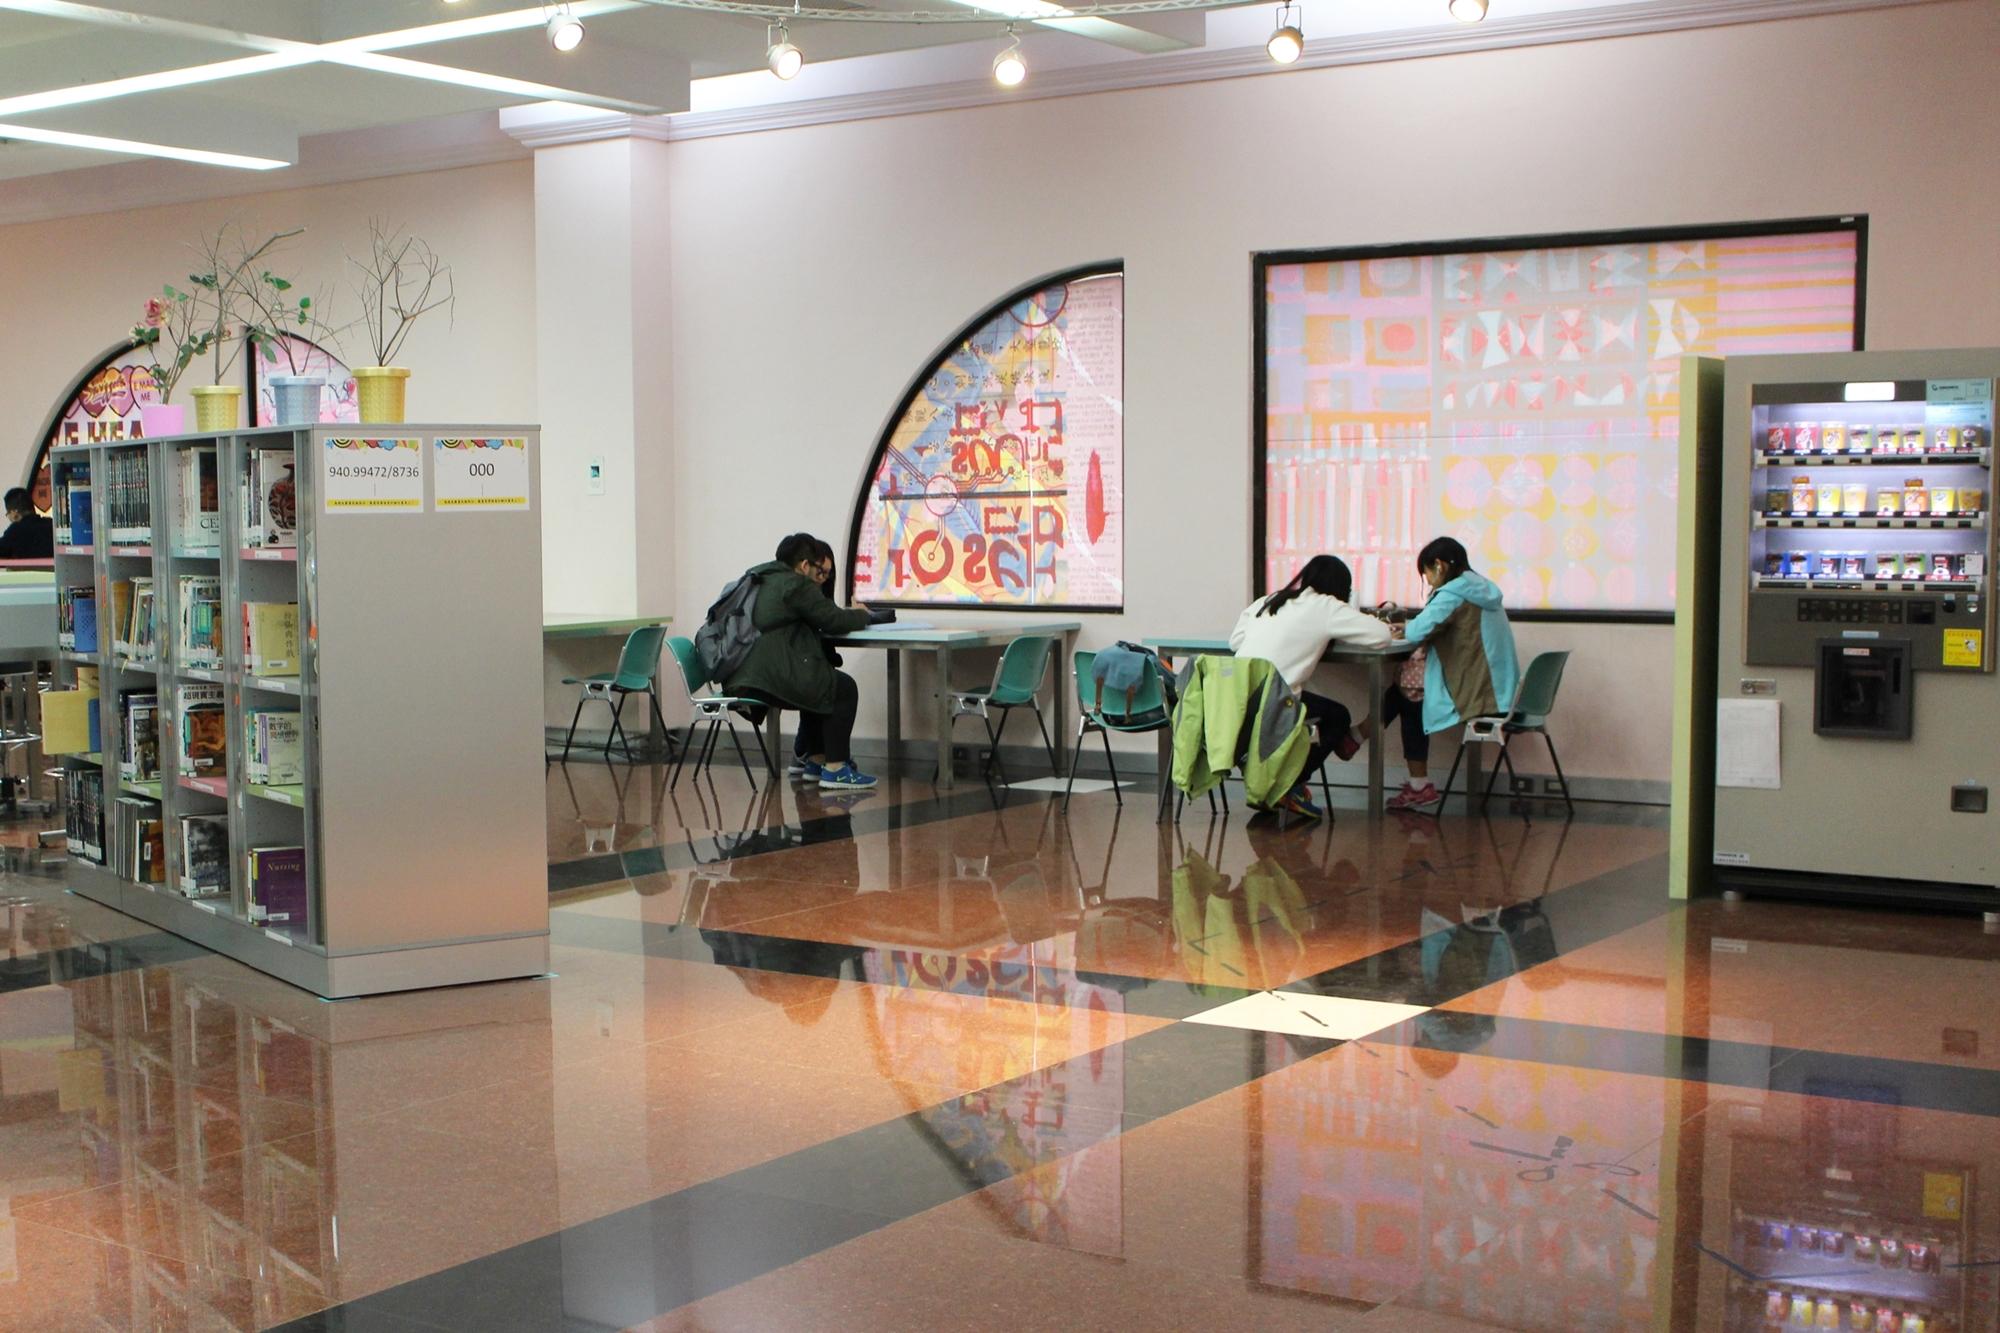 長庚大學建構多元創新學習系統 i-Lab啟用倒數-i-Lab(創新實驗室)